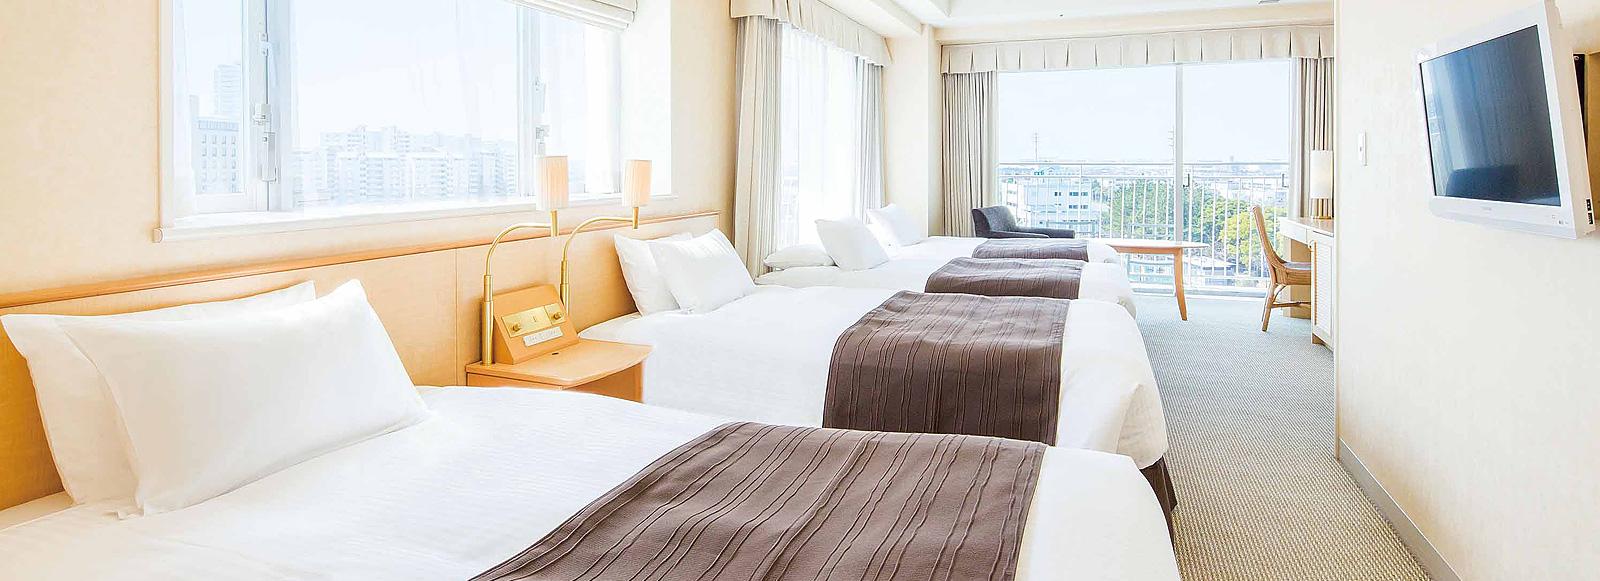 コーナーテラスルーム4人利用|ホテル エミオン東京ベイ